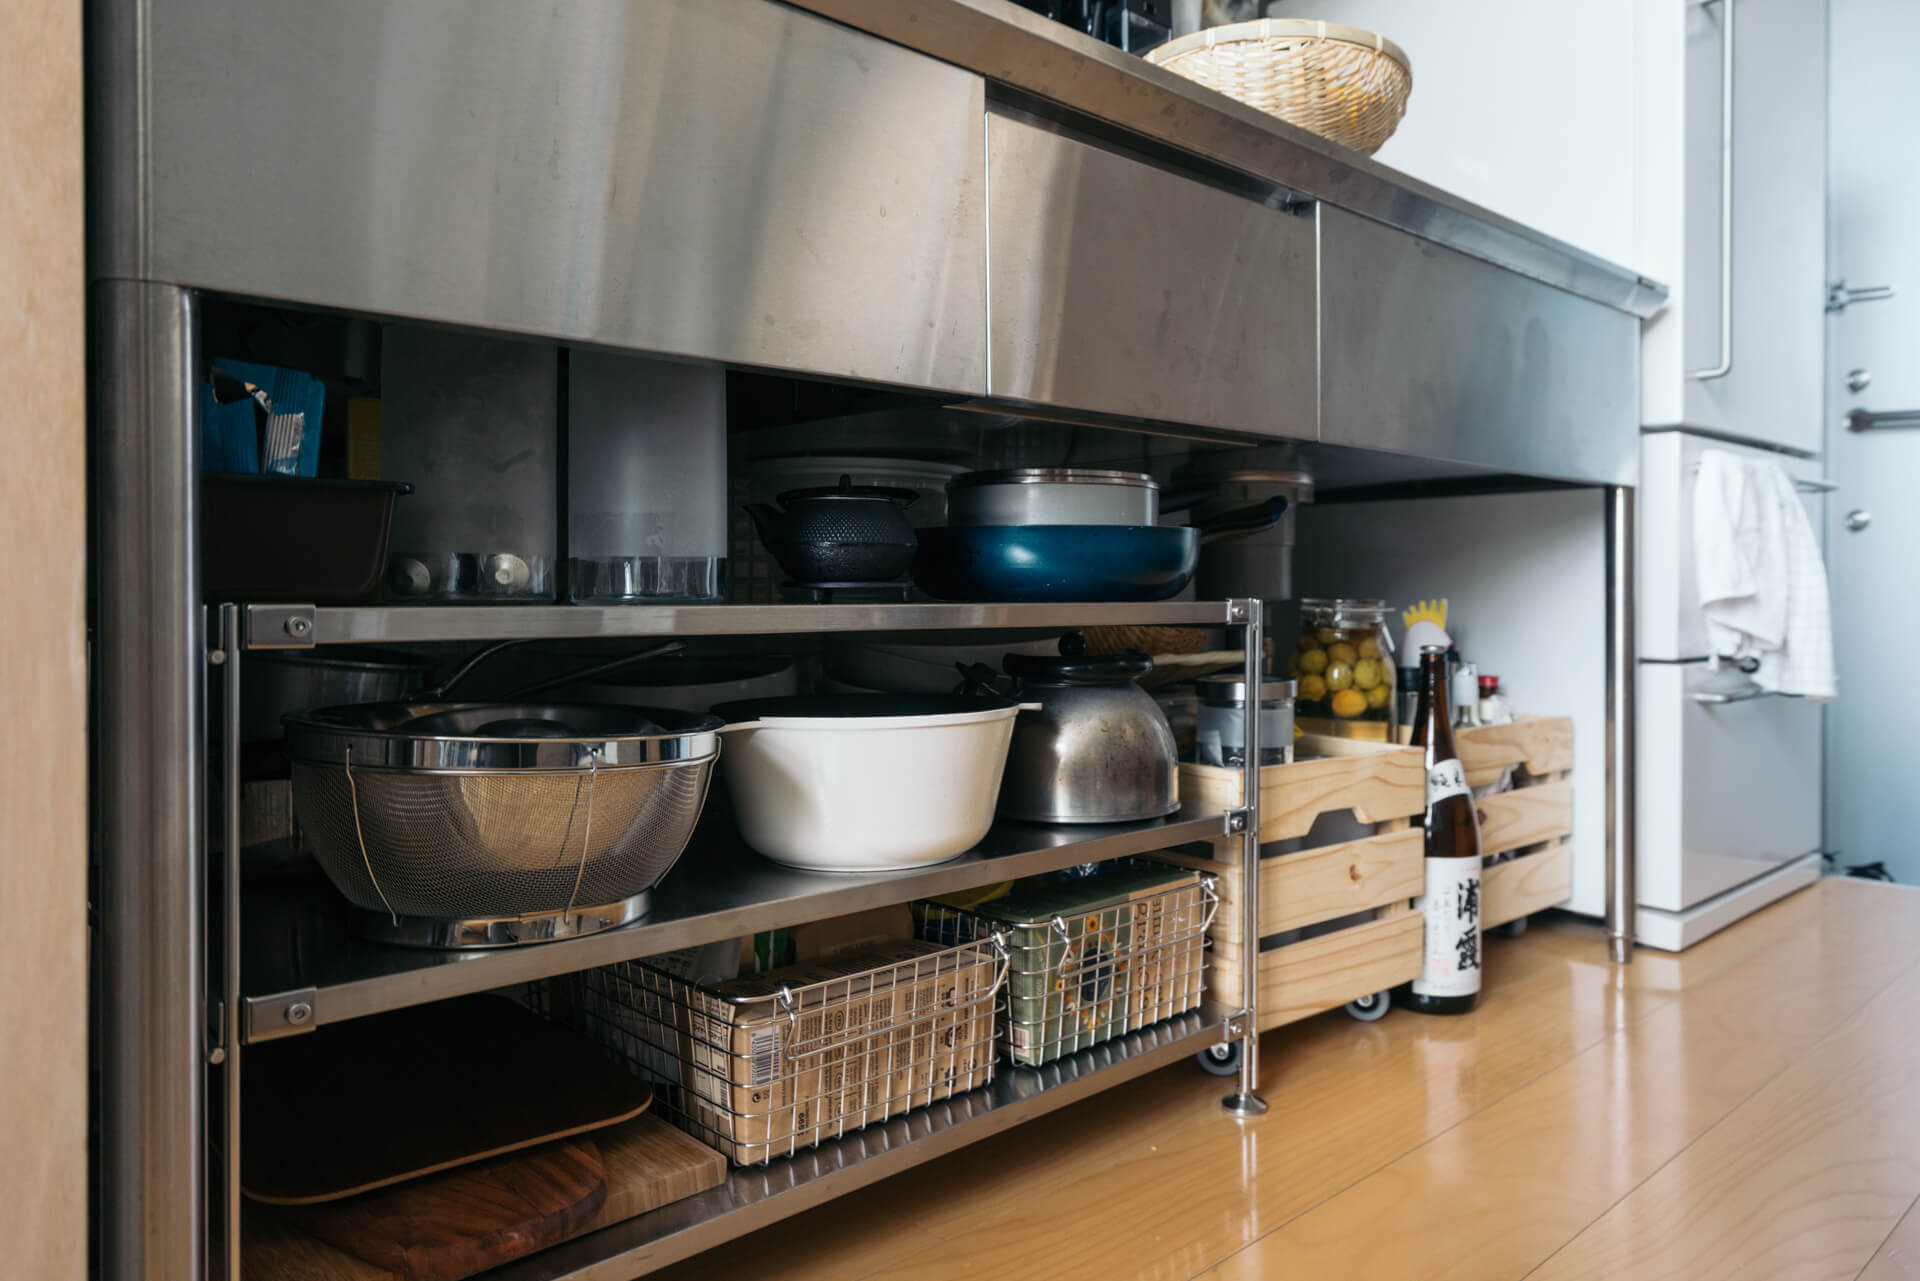 シンク下ってどうしてる?小さなキッチンの収納アイディアをタイプ別にまとめました